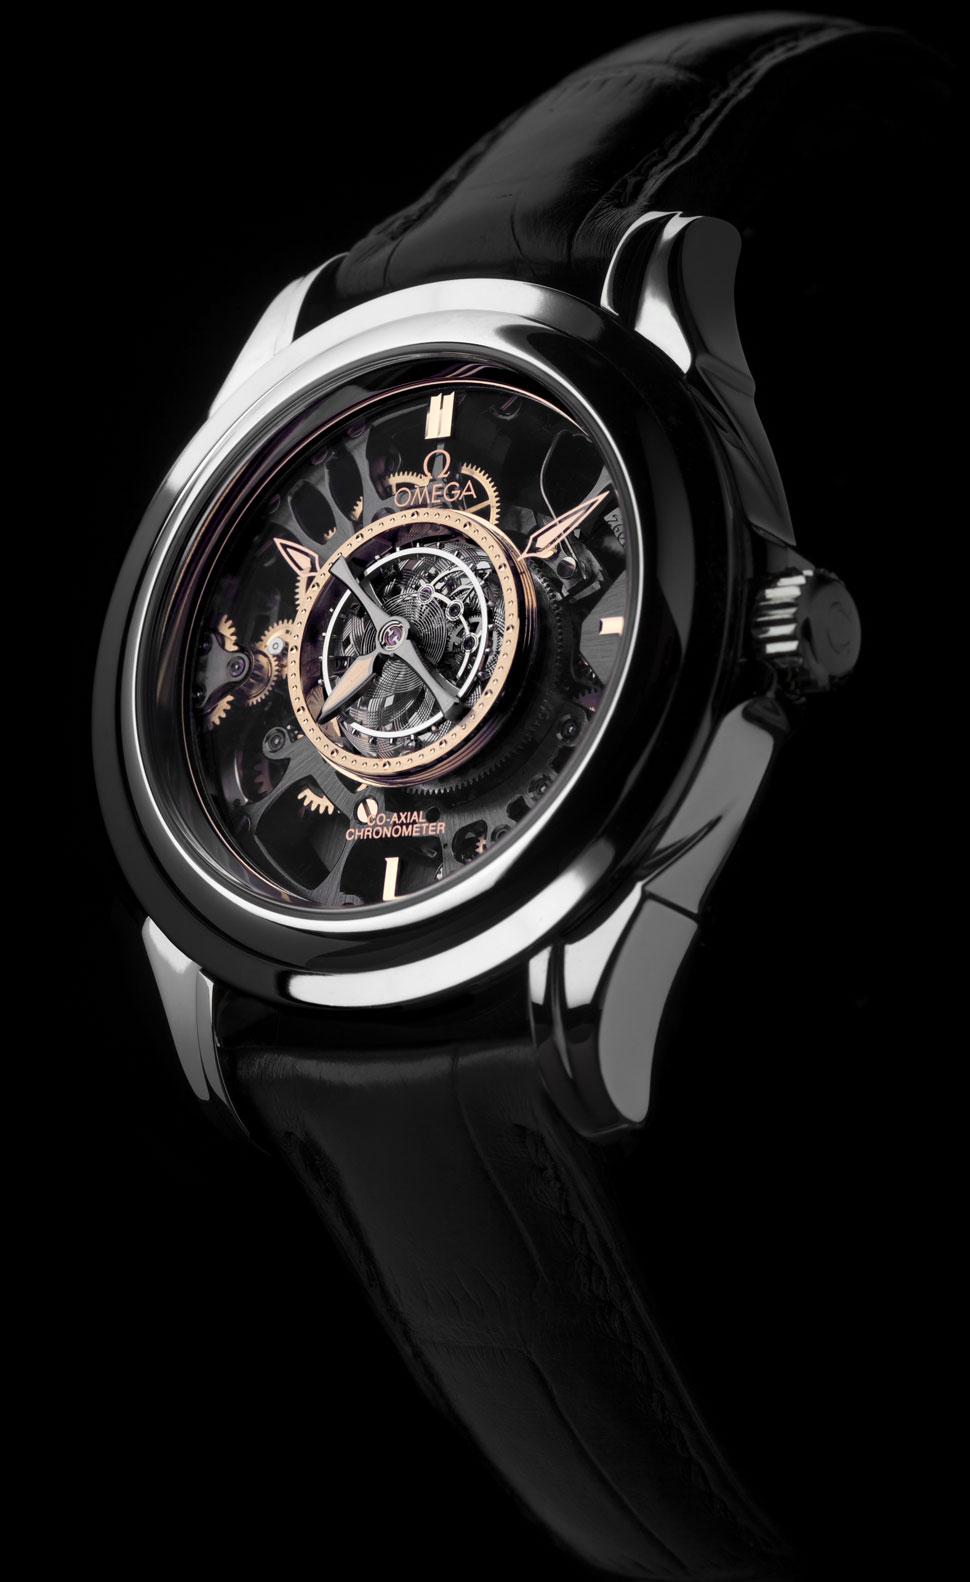 ba886b13560 ... pela precisão do relógio são montados numa carruagem rotativa. A Omega  identifica-se como a única marca a ter criado um turbilhão central  automático